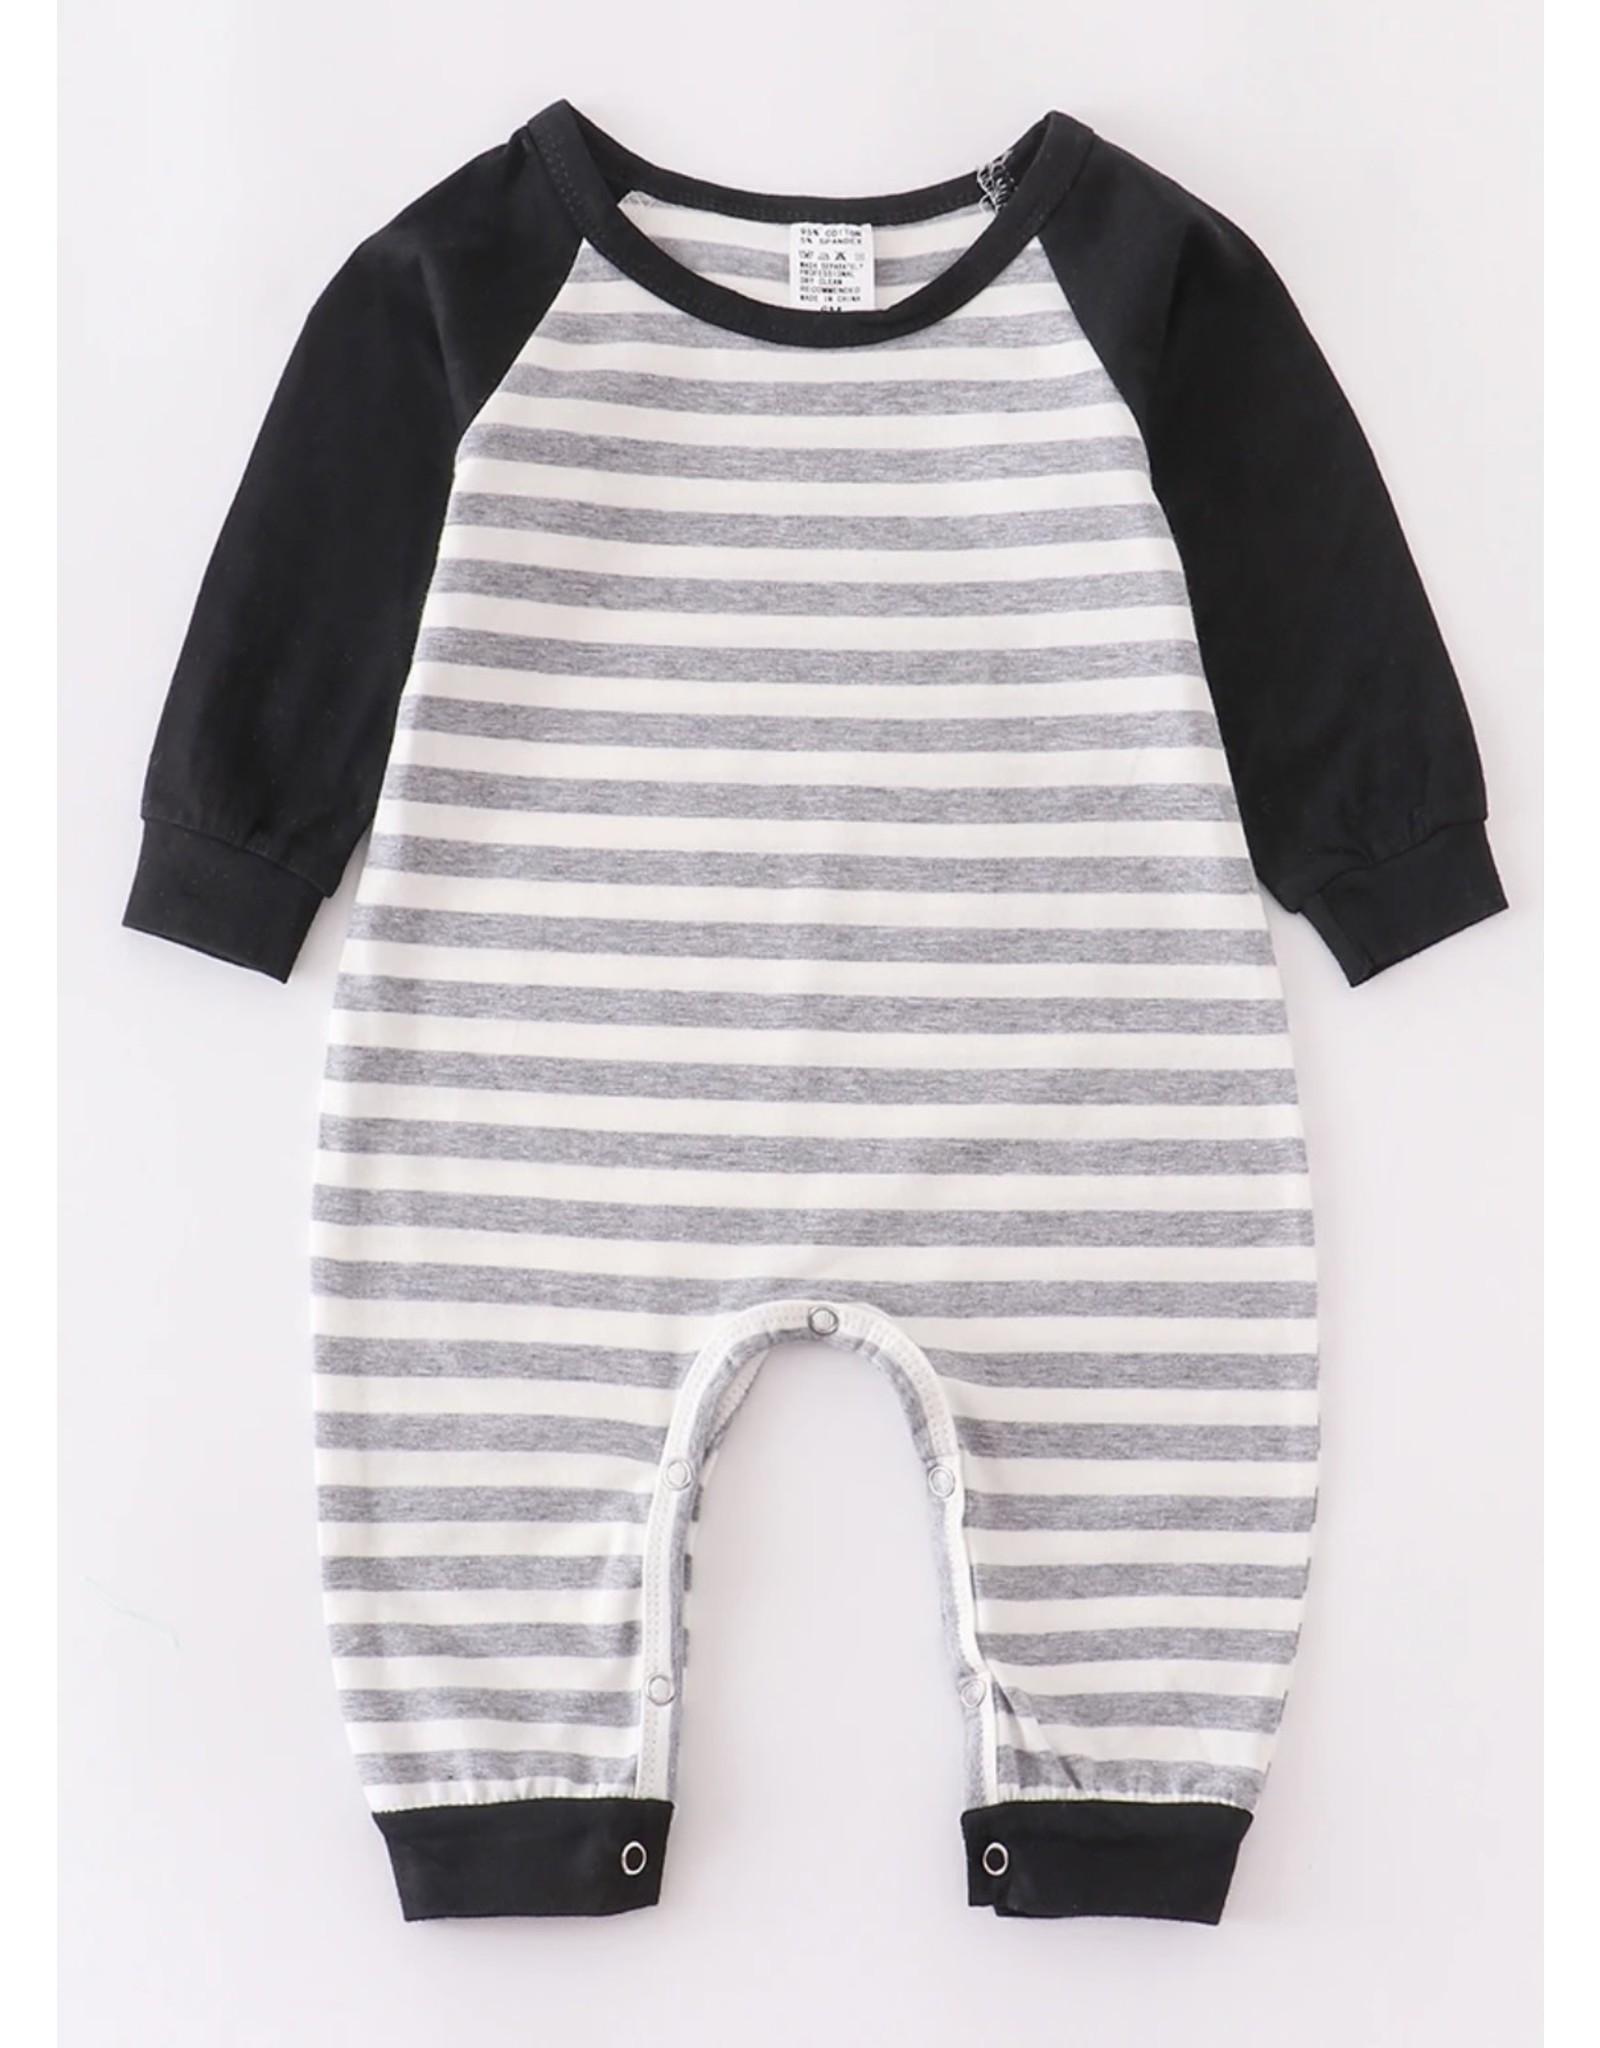 Grey Stripe & Black Romper